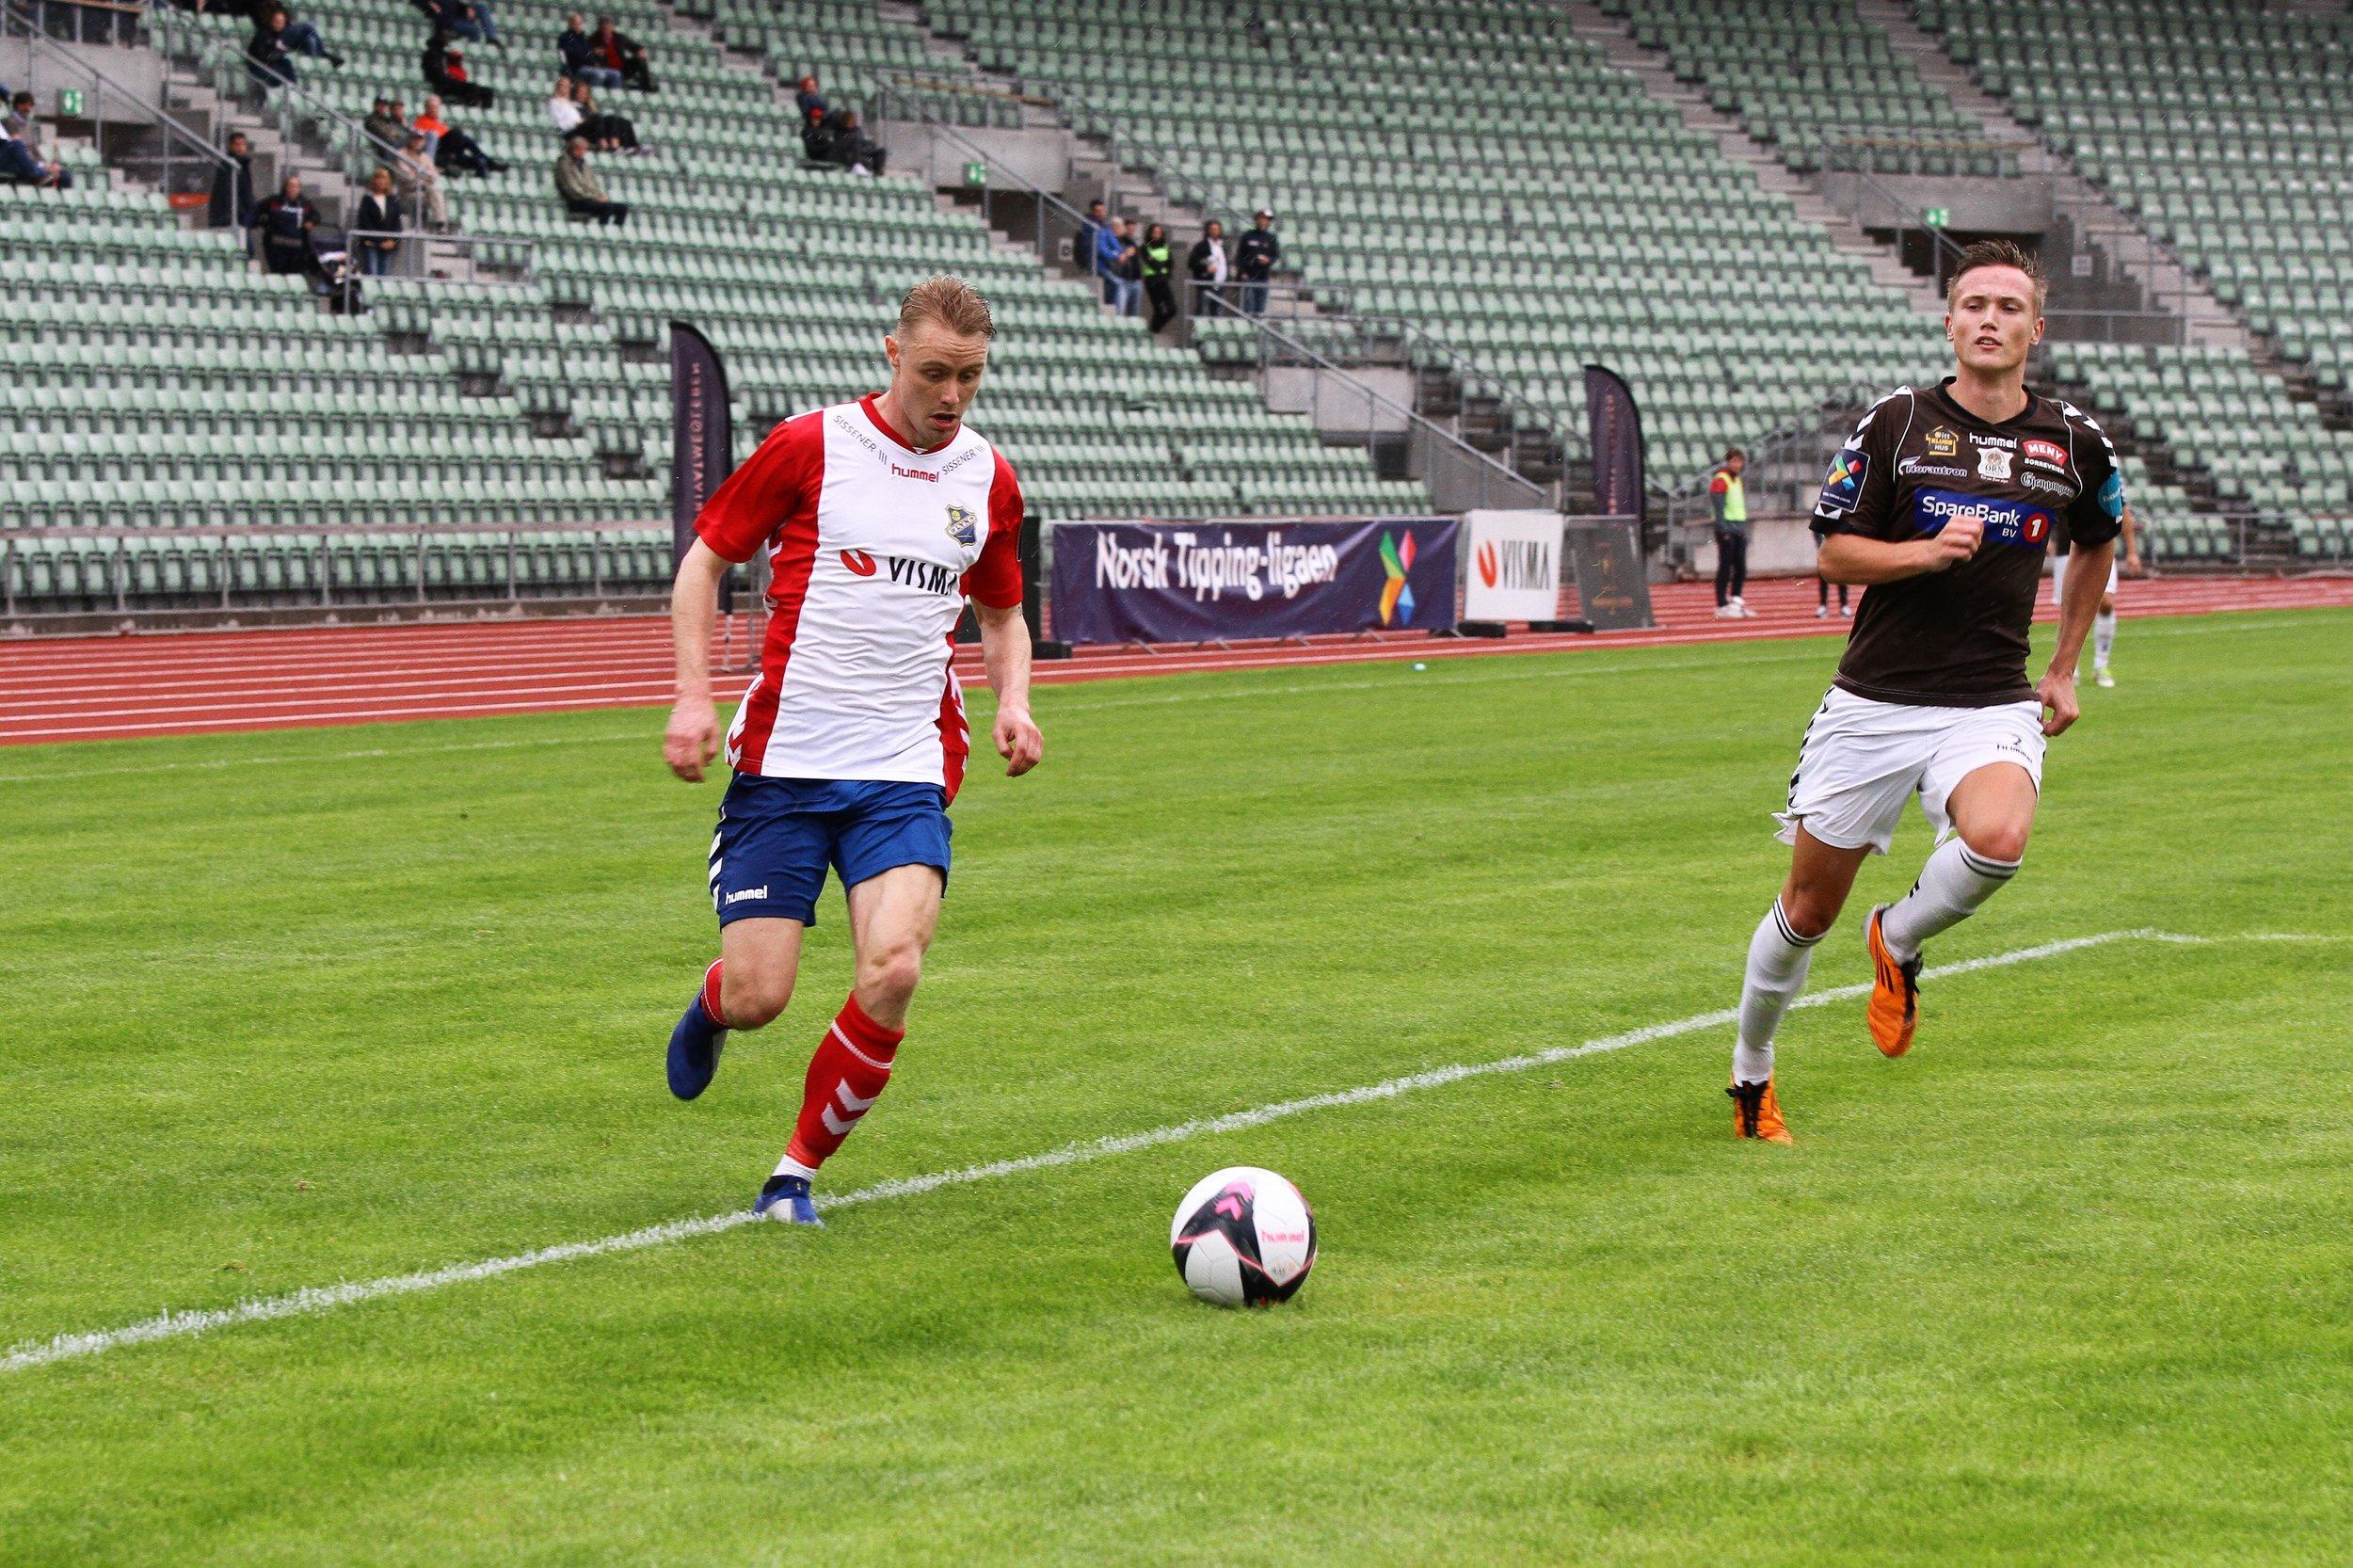 Eirik Haugstad og resten av gutta var fornøyde med å være tilbake på Bislett, men det ble bare poengdeling. Foto: Linnea Halse